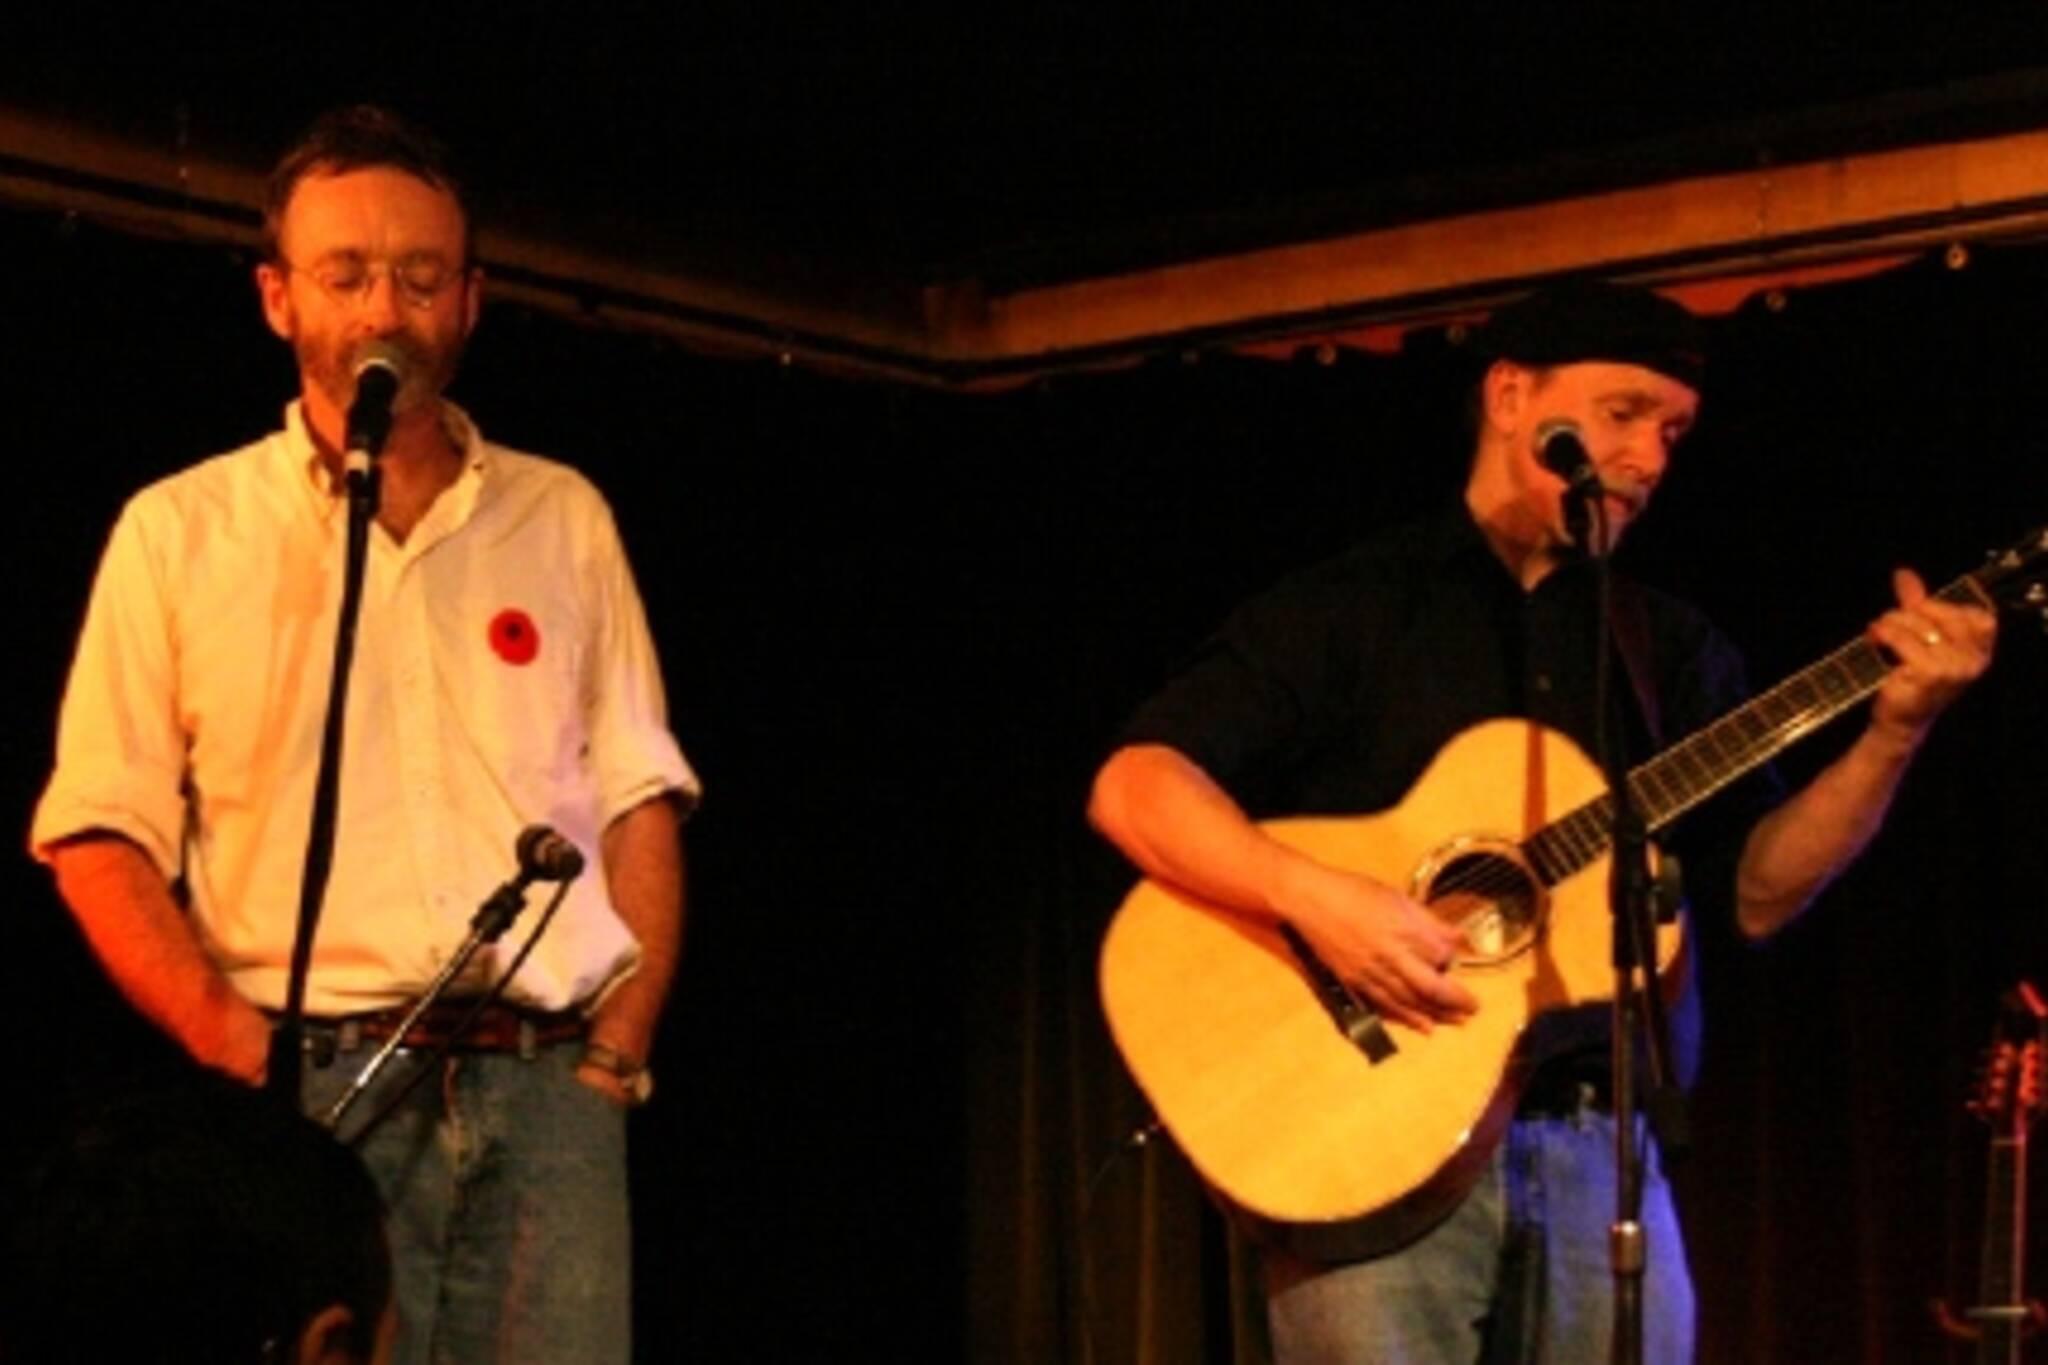 David Francey and Craig Werth